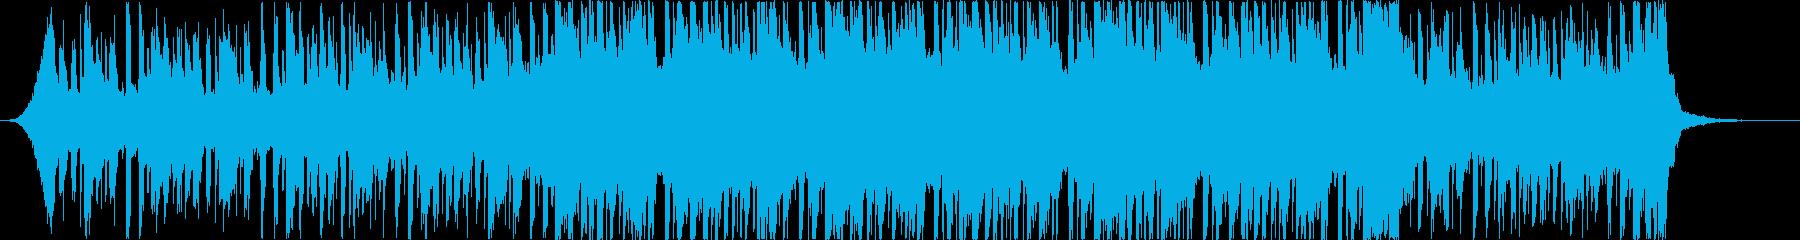 レトロでおしゃれな80'Sエレクトロcの再生済みの波形